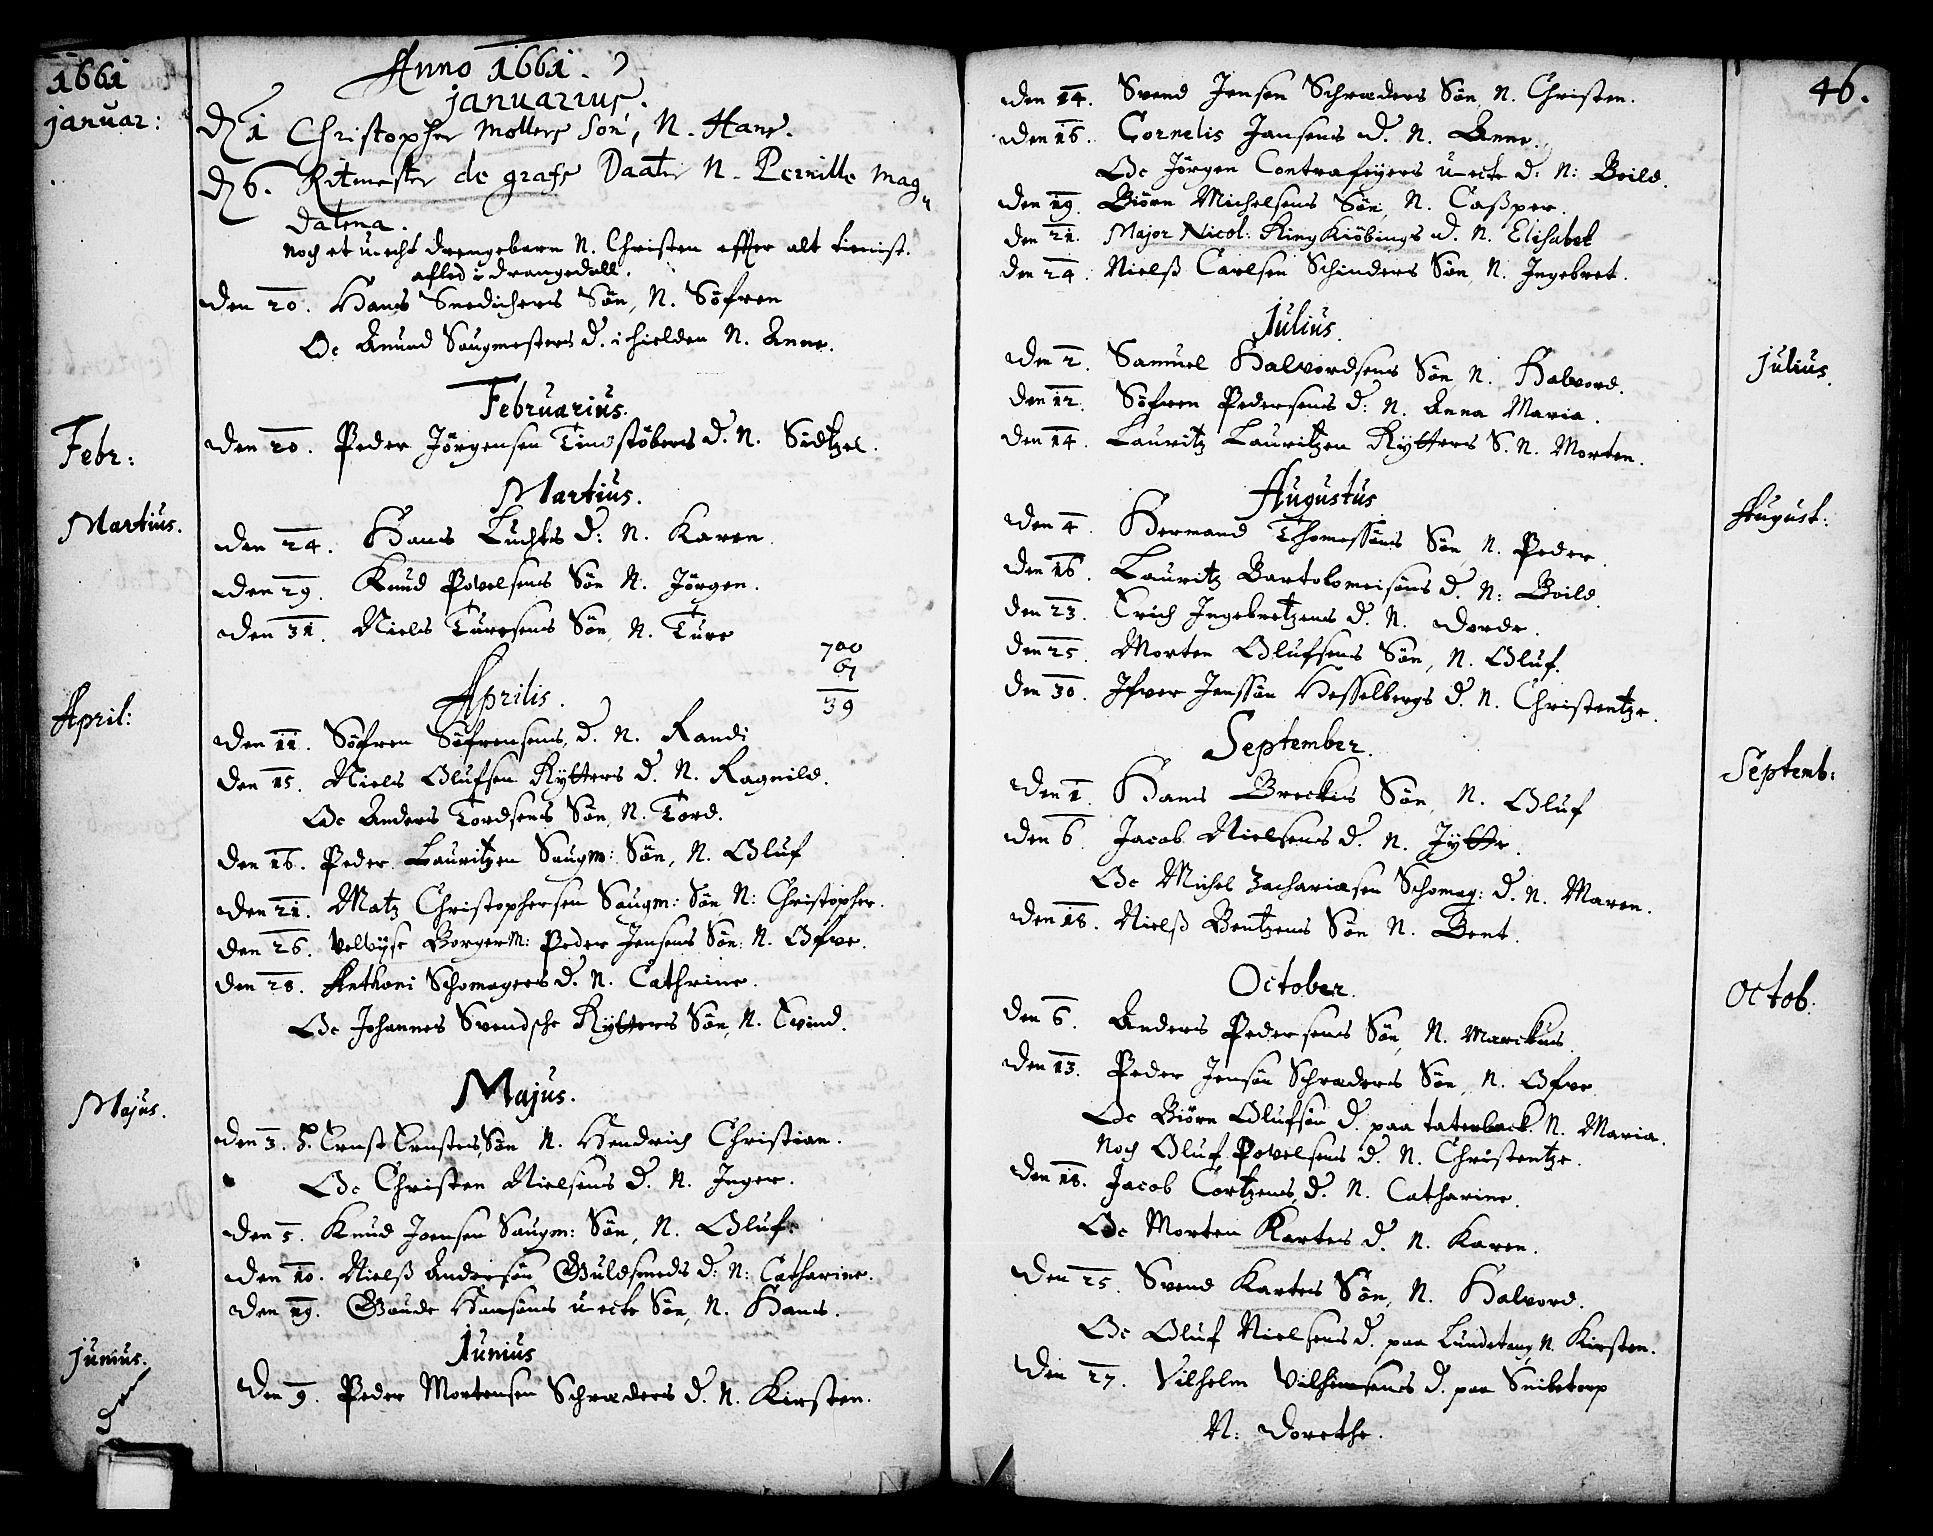 SAKO, Skien kirkebøker, F/Fa/L0001: Ministerialbok nr. 1, 1659-1679, s. 46